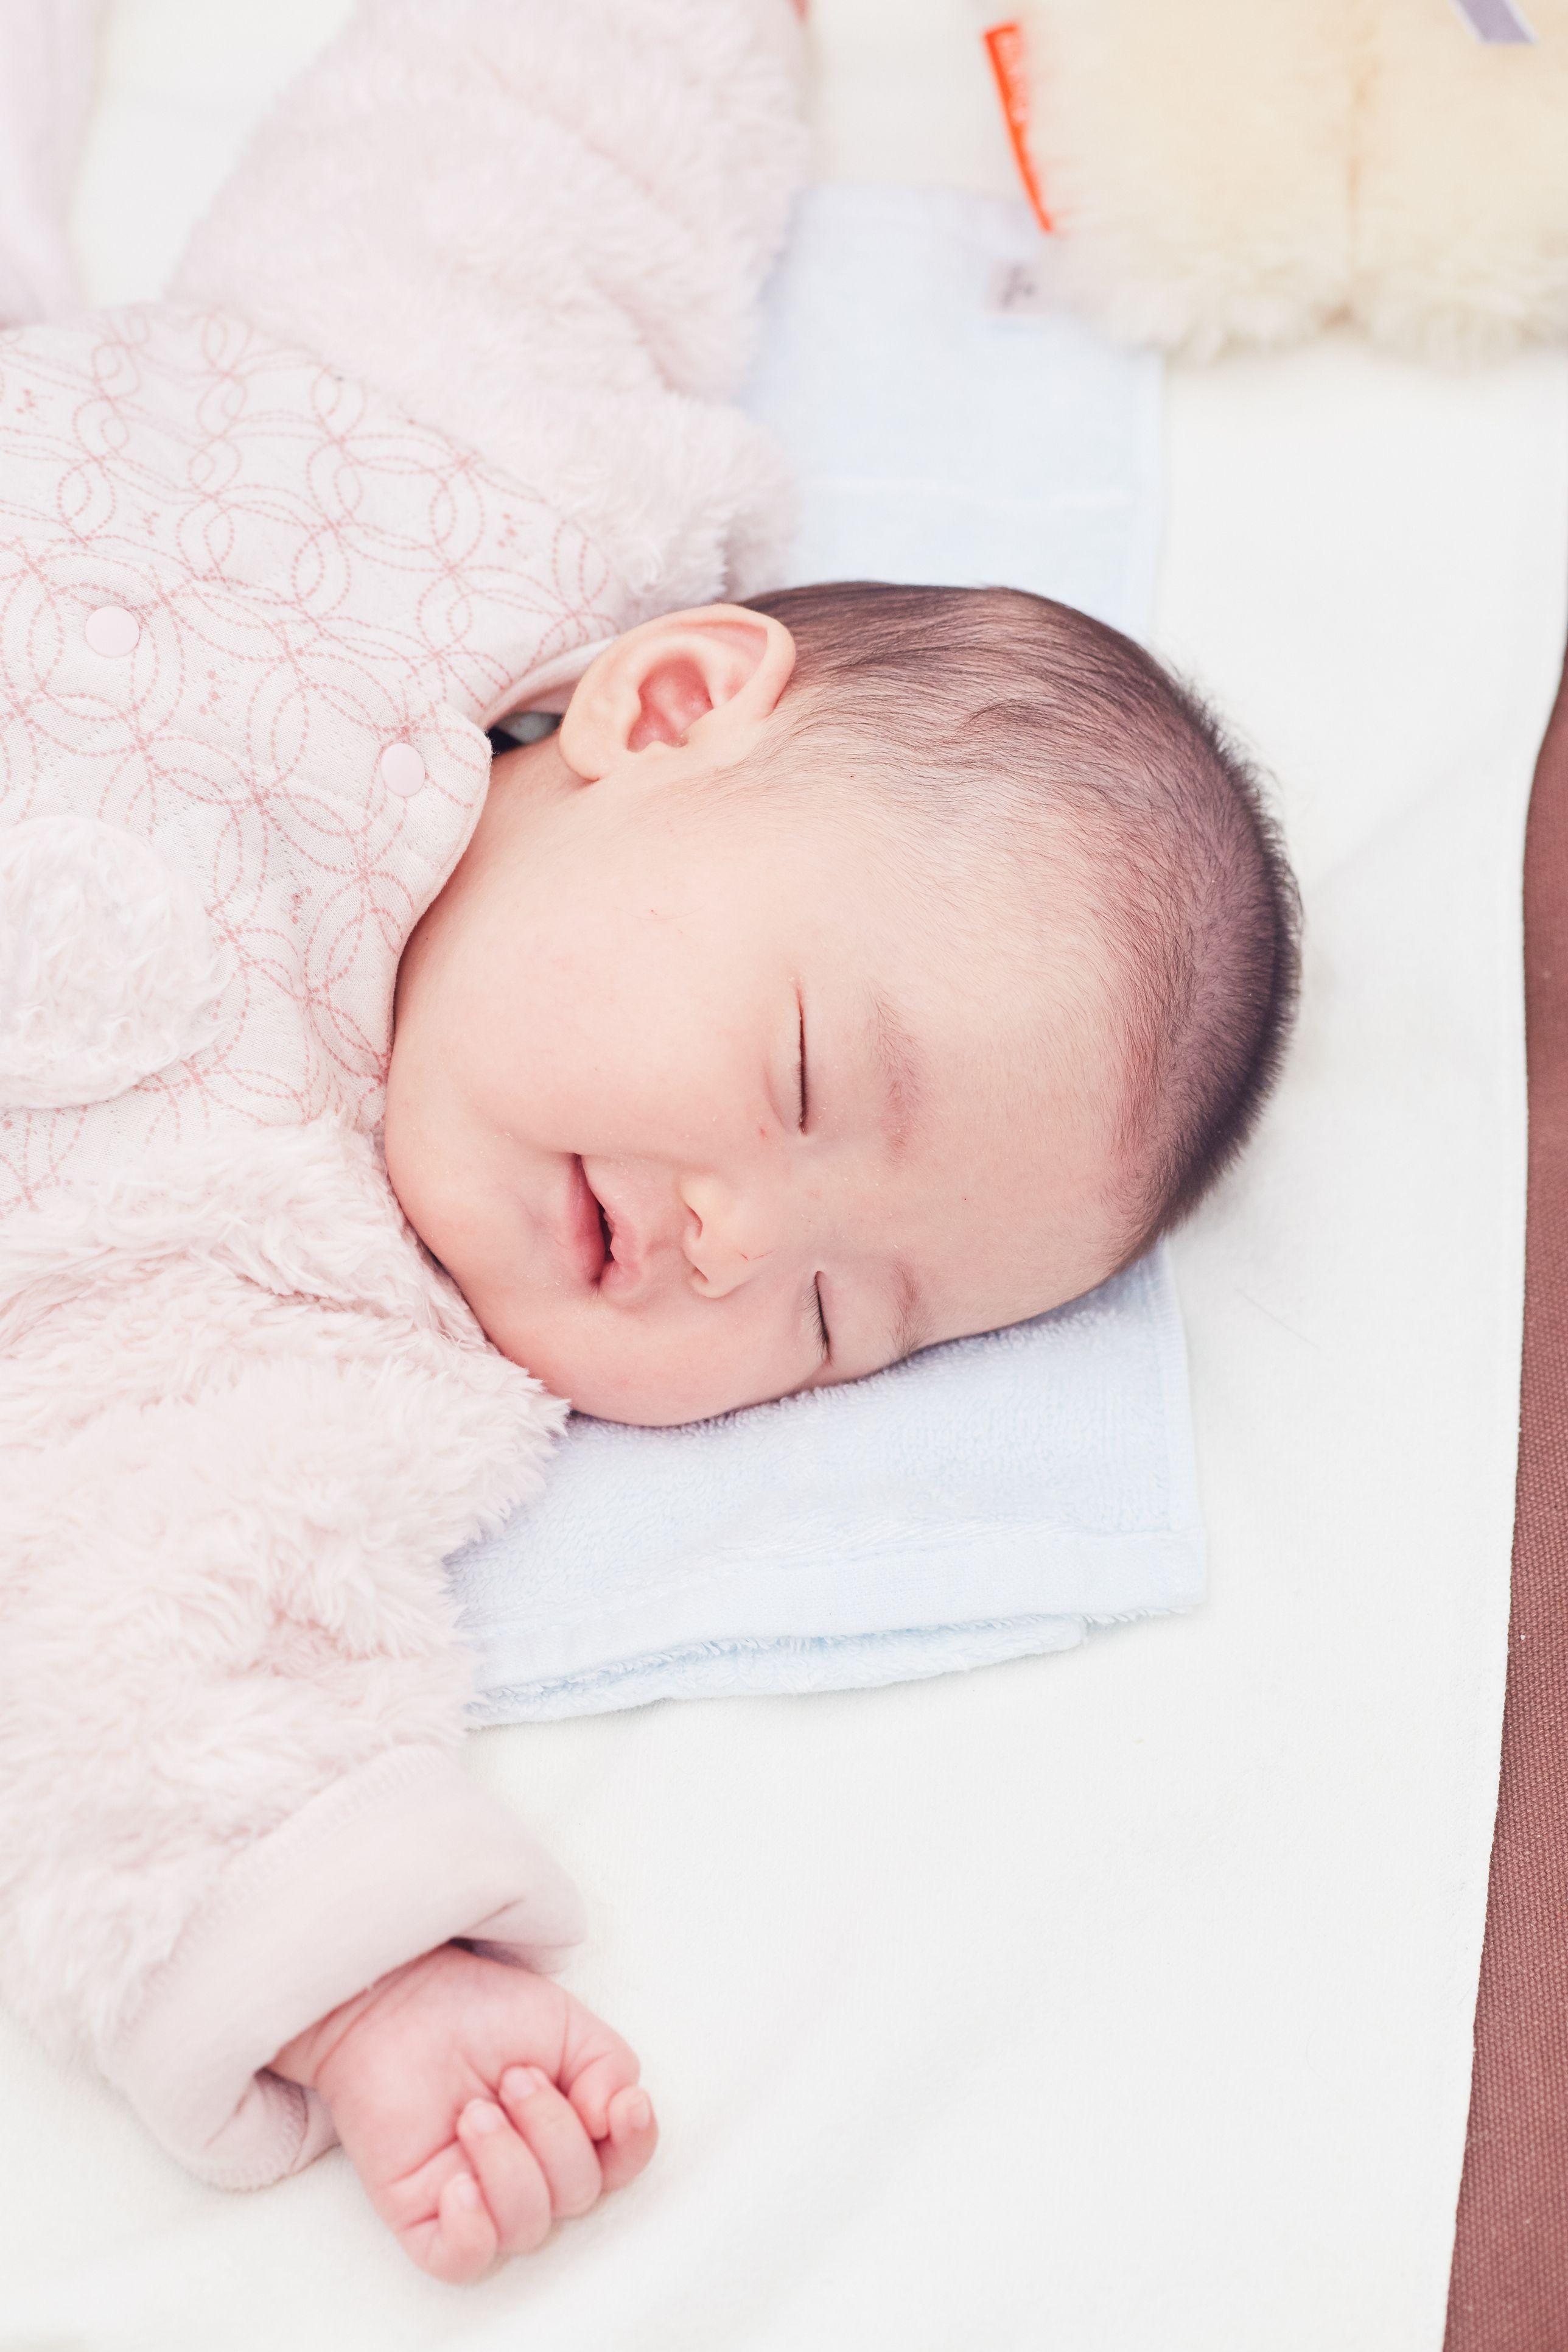 baby happily asleep